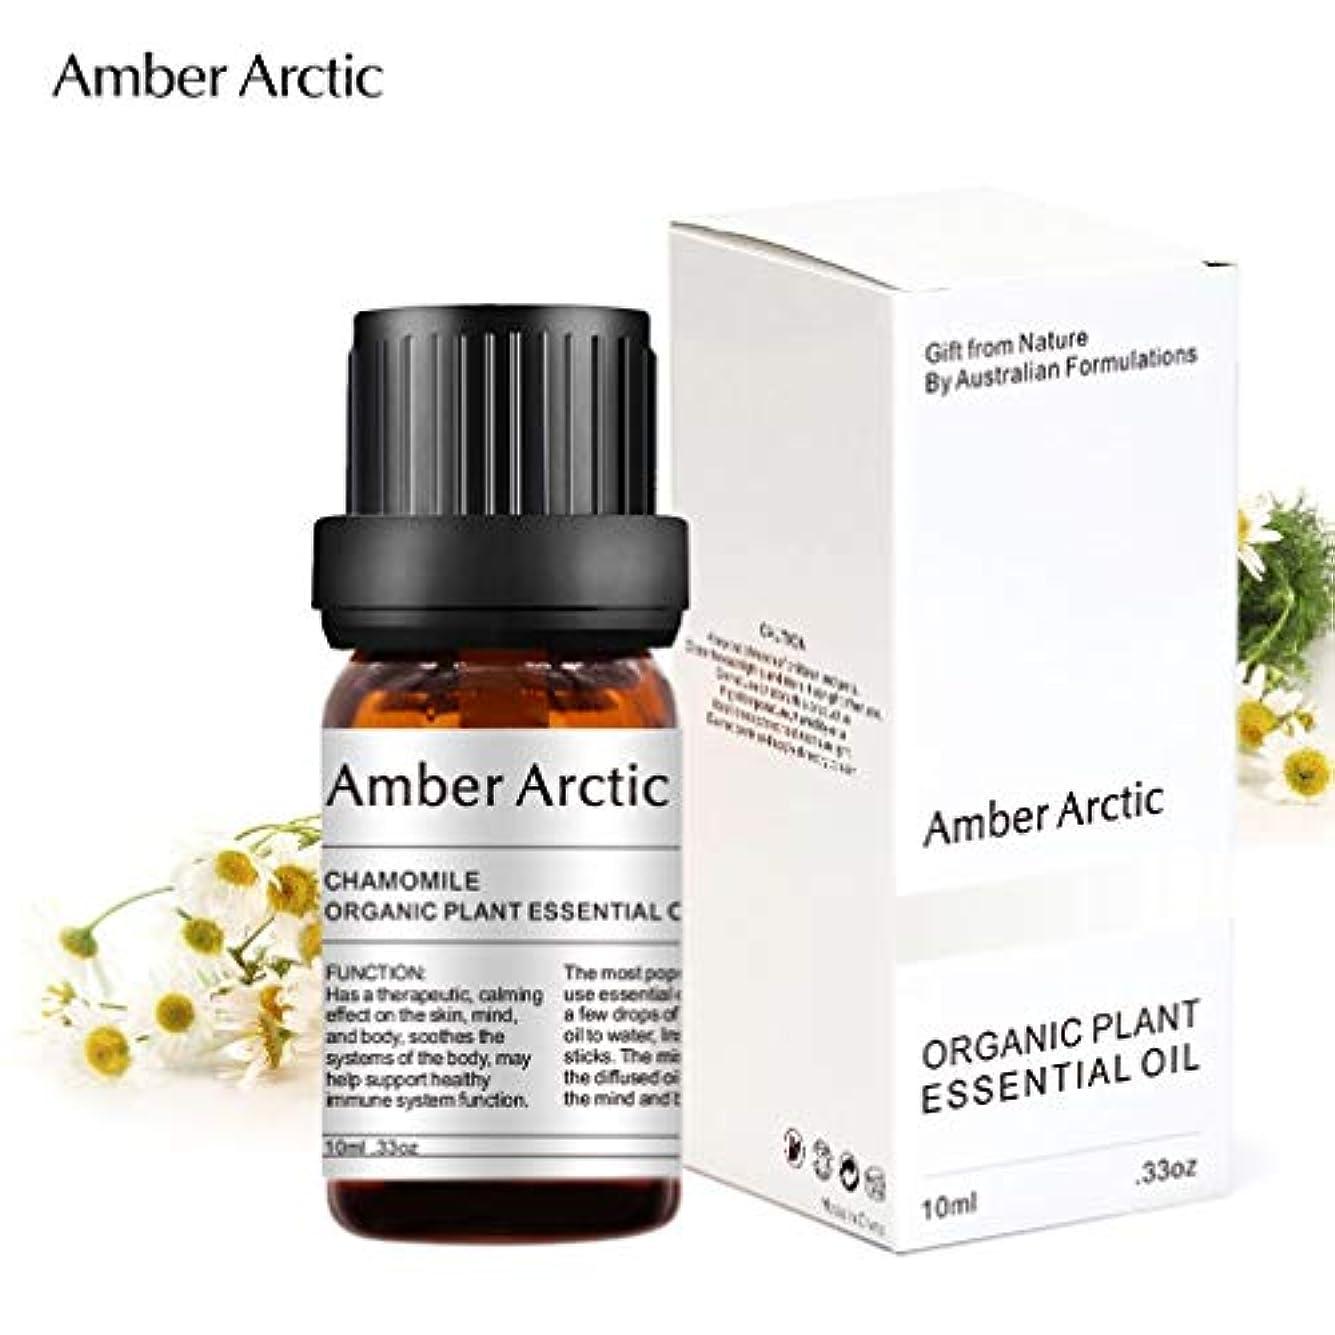 シーサイド剣類似性Amber Arctic カモミール エッセンシャル オイル、100% ピュア 天然 アロマテラピー カモミール オイル スプレッド 用 (10ML) カモミール